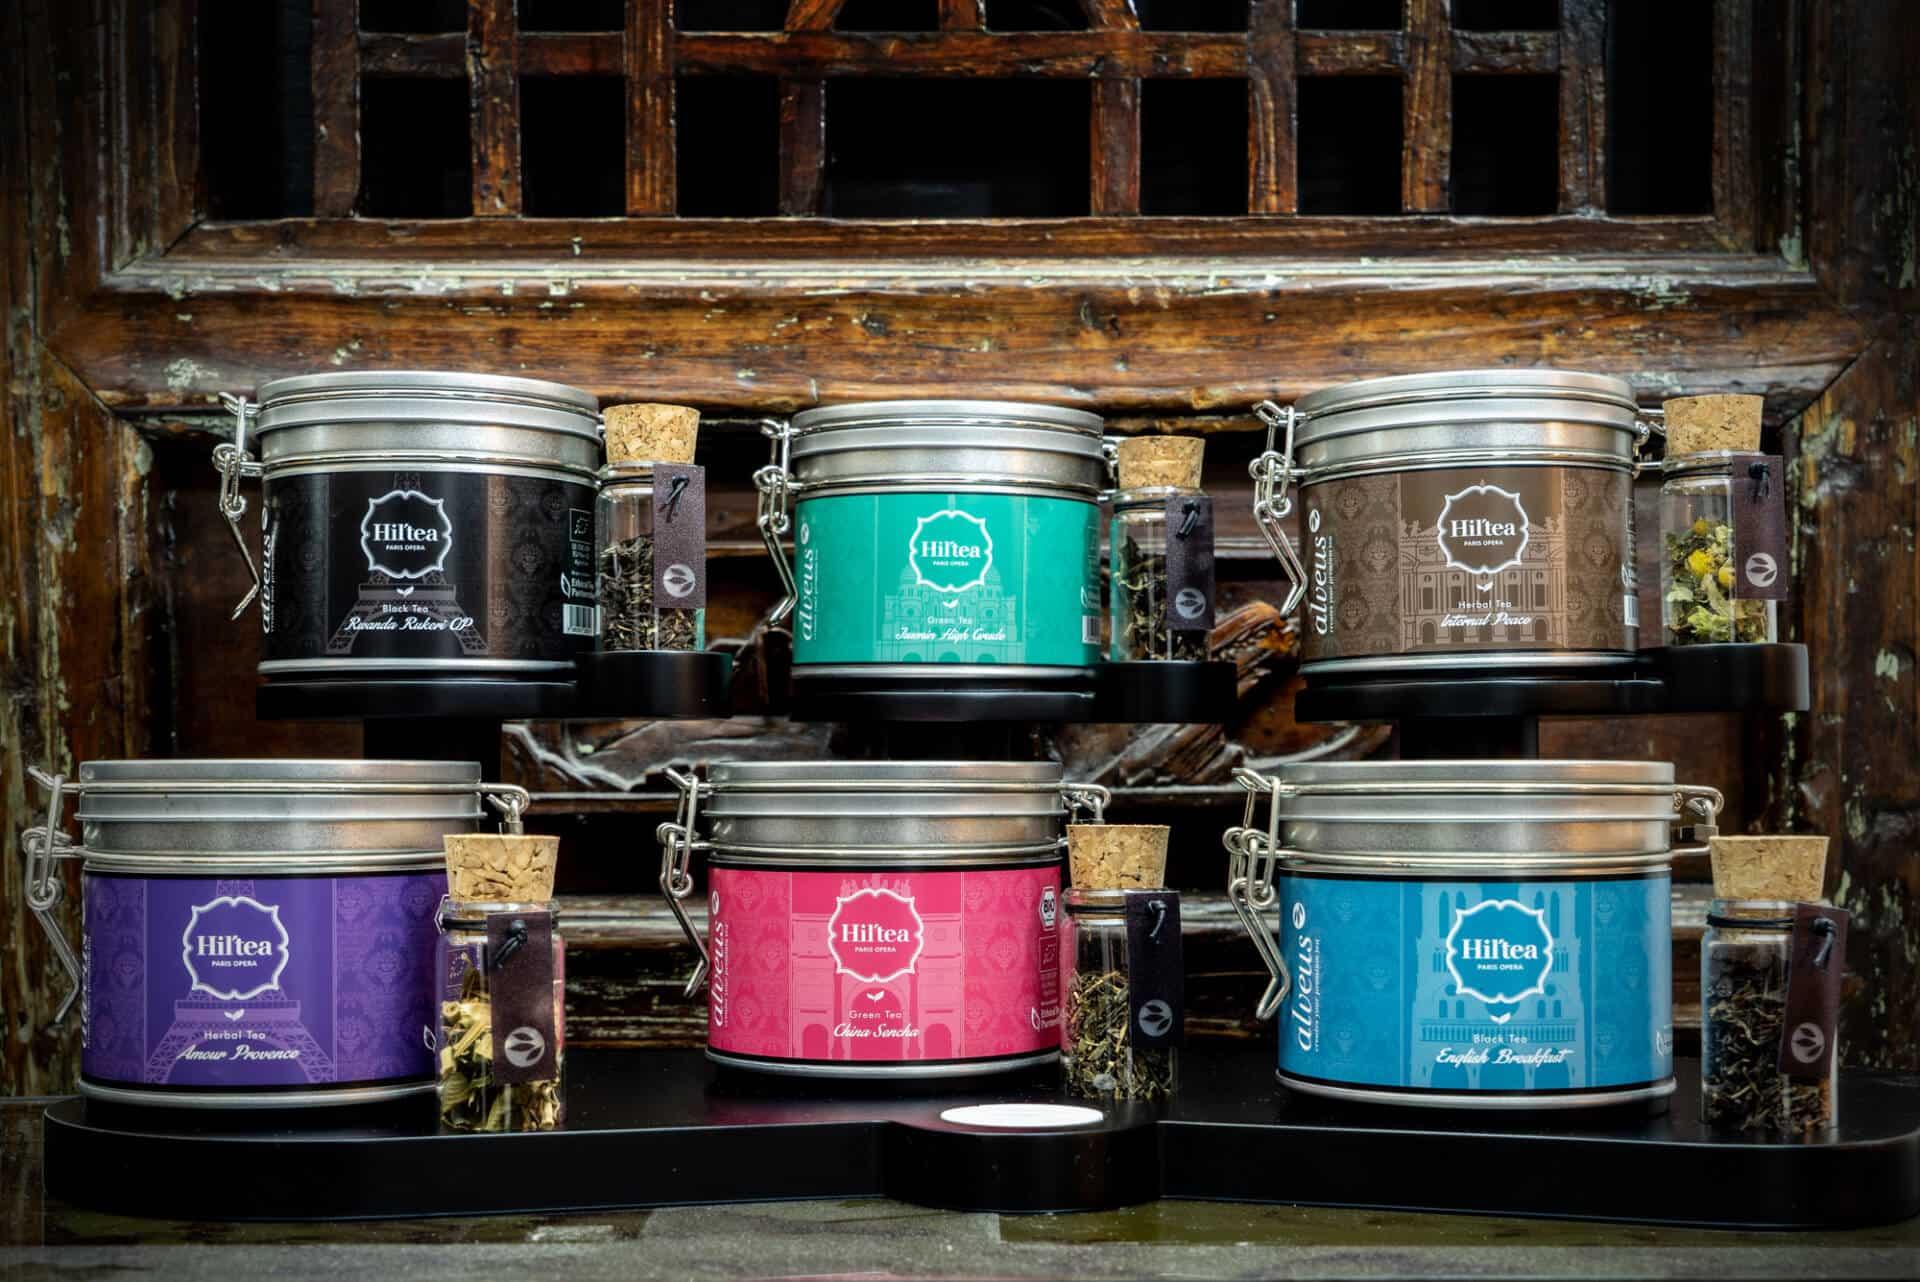 Produktdesign Hotel-Design Hamburg: schwarzes Tee-Display_Verkaufs-Display für 6 Teedosen mit 6 Tester-Gläsern zum Sehen und Riechen des Tees von Hil'Tea Hilton Opera Paris designed von Lange Architekten als Serienprodukt für alveus